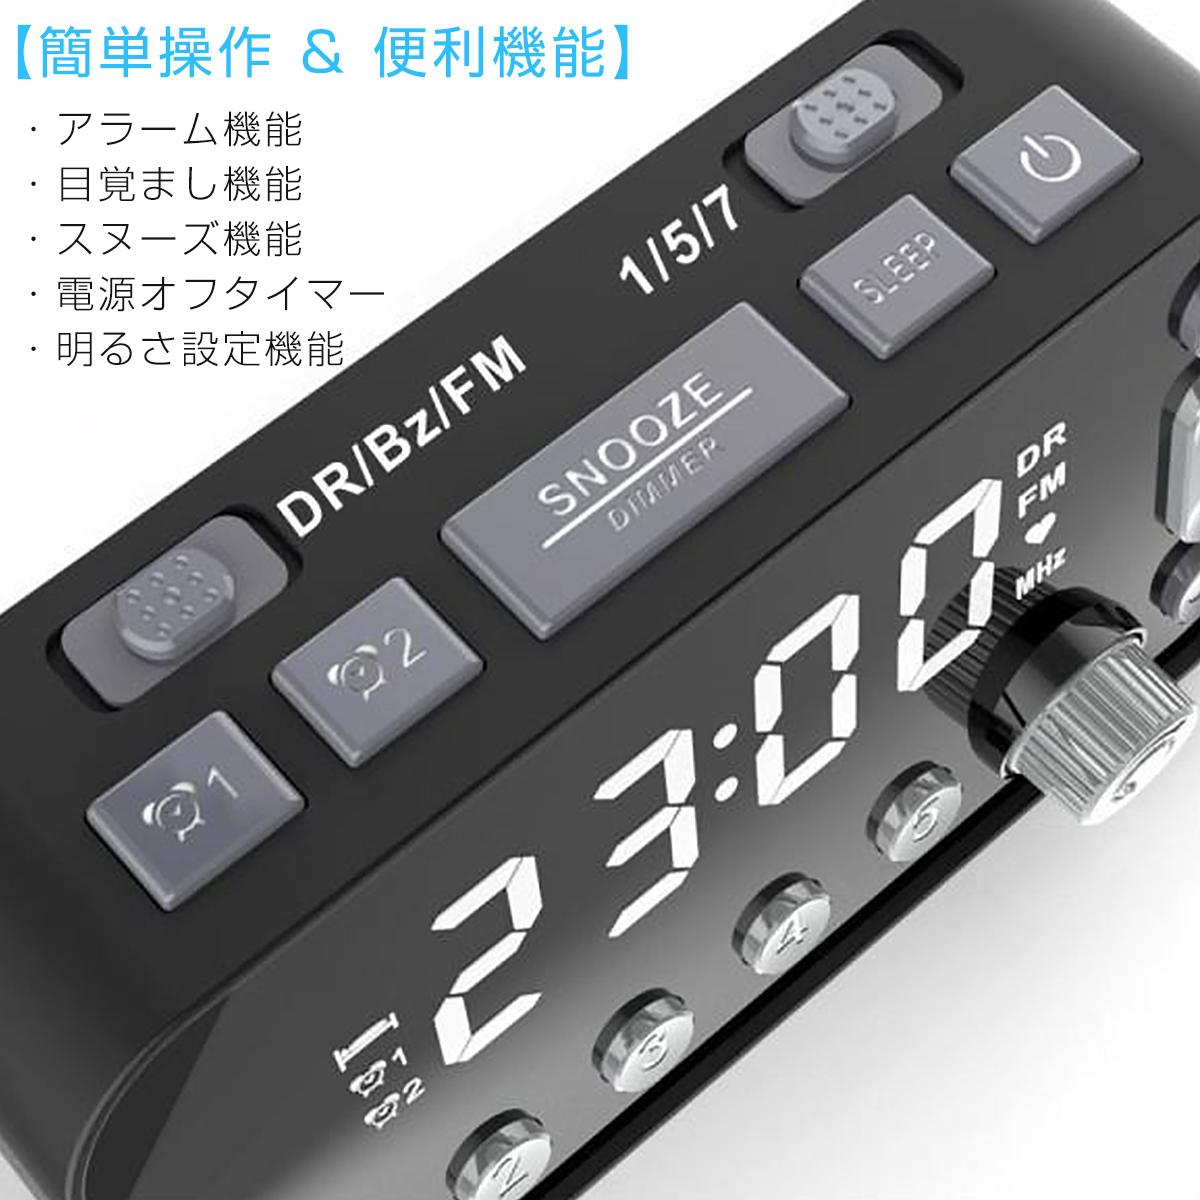 デジタルラジオ